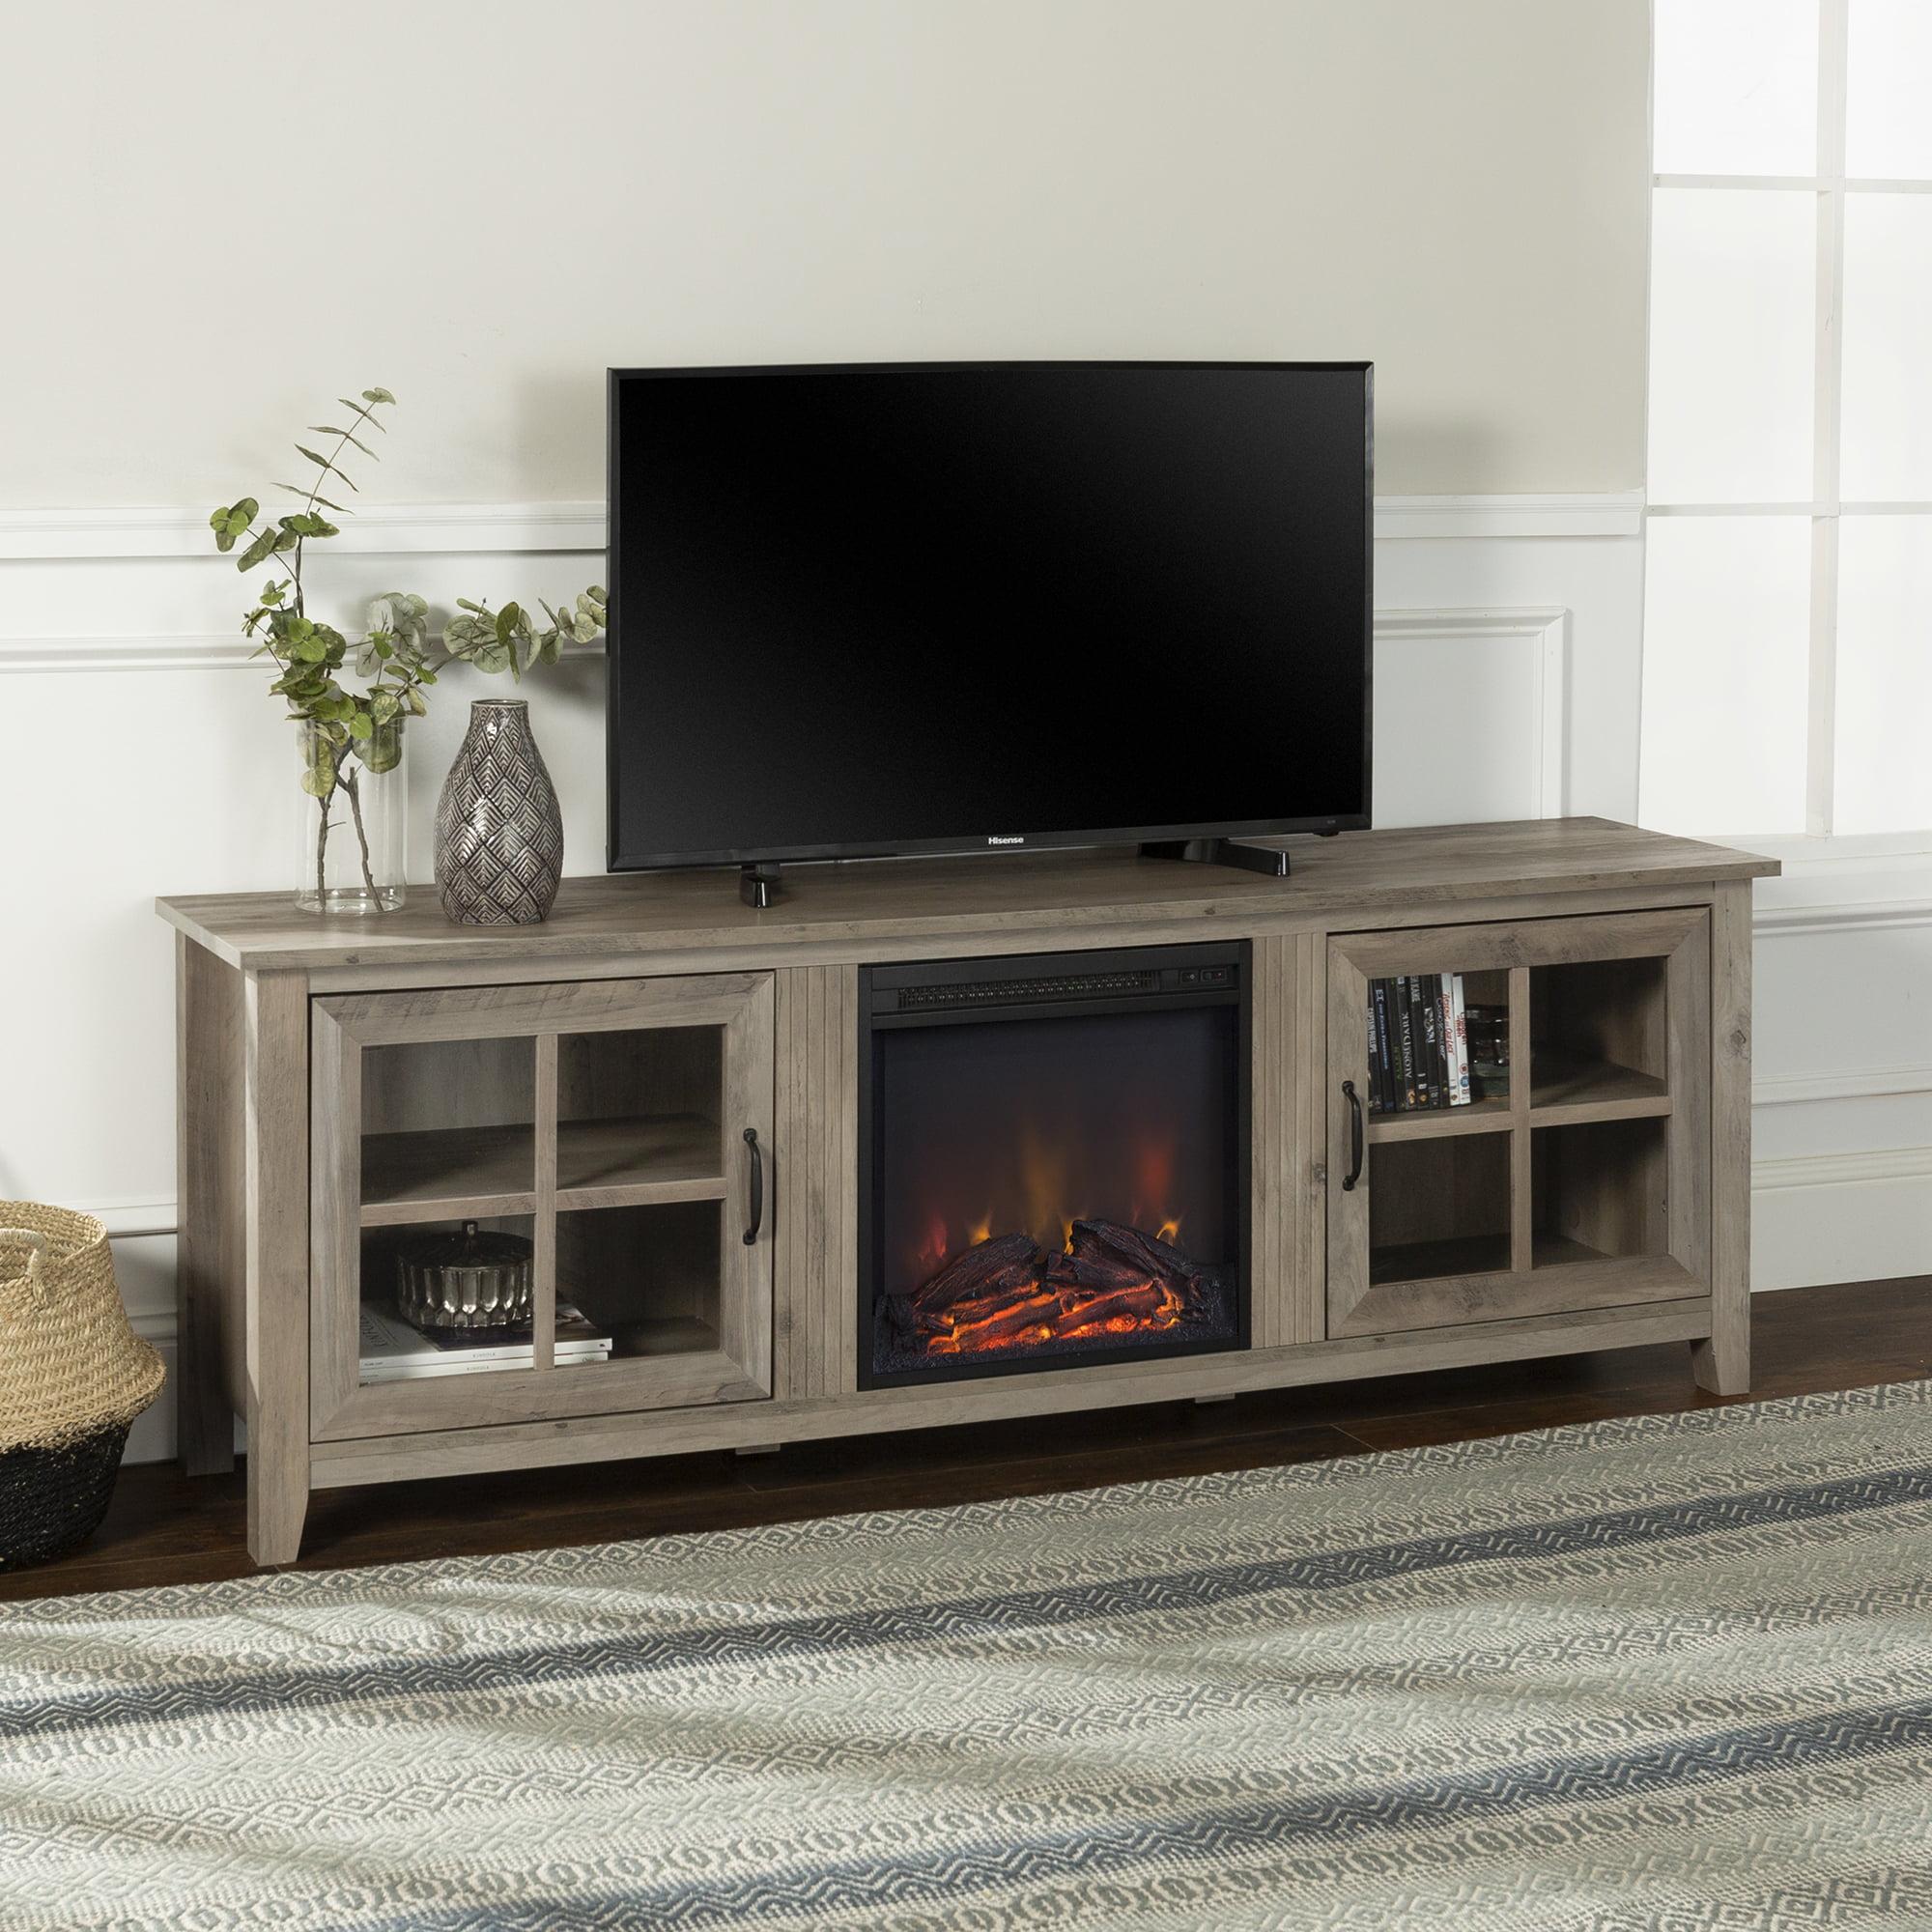 Manor Park Farmhouse Fireplace Tv Stand For Tvs Up To 80 Grey Wash Walmart Com Walmart Com